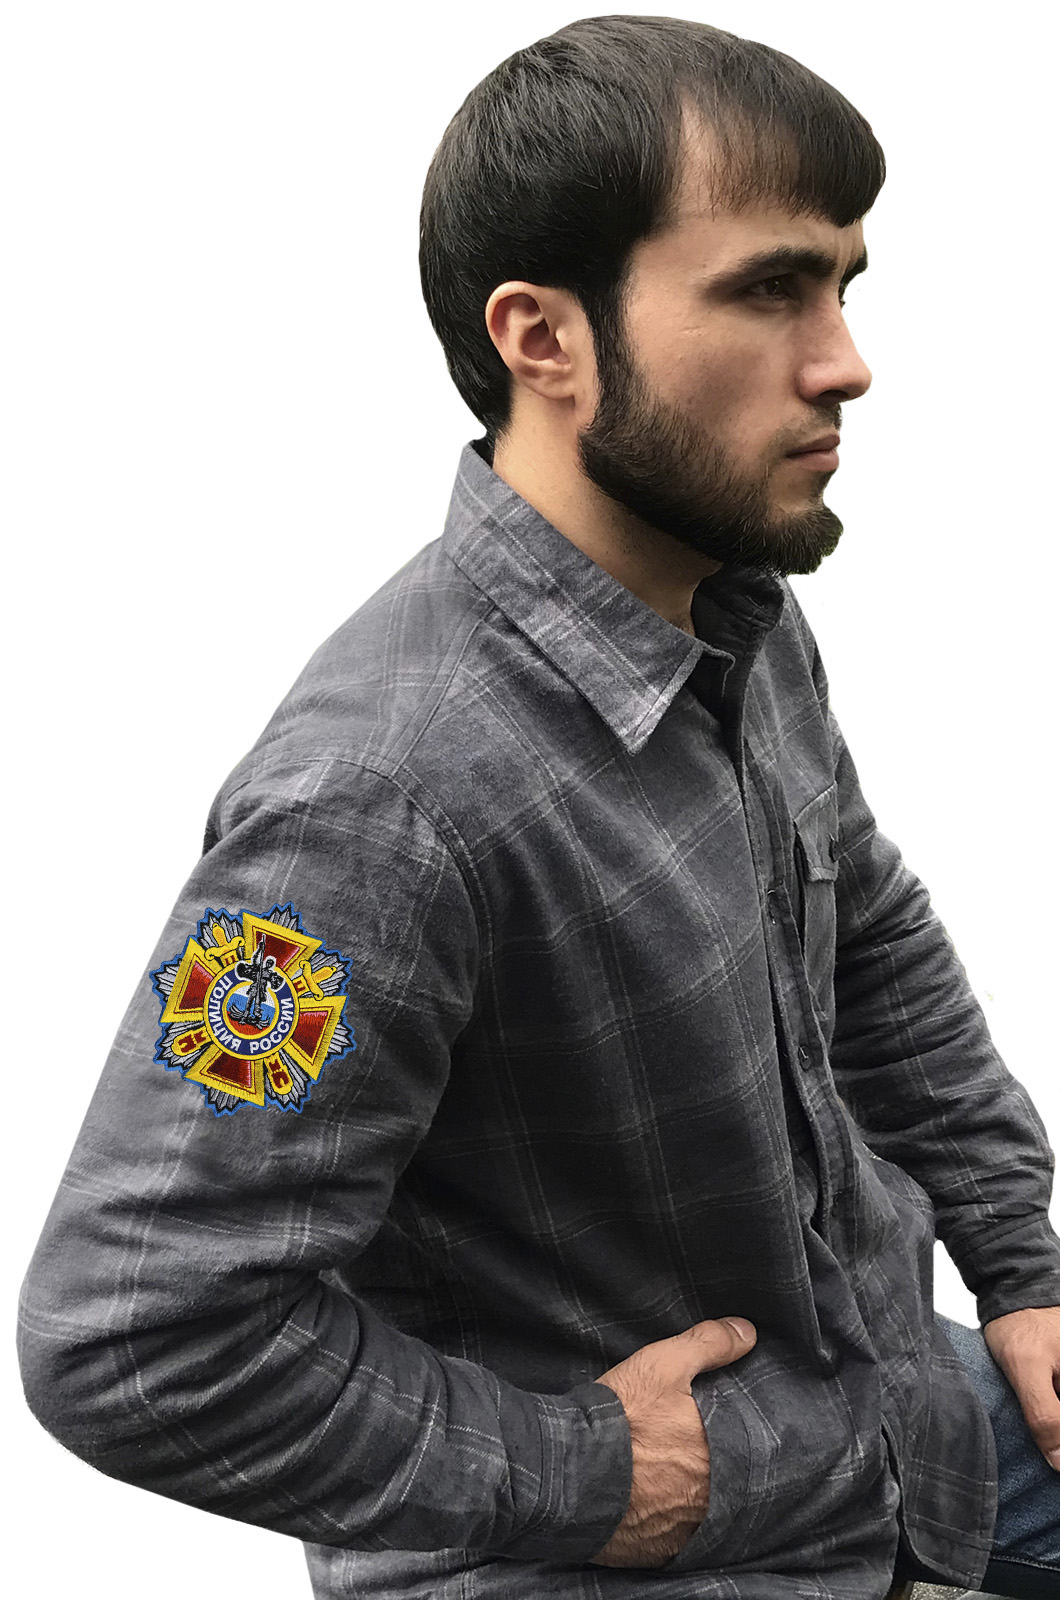 Рубашка Полиции с шевроном